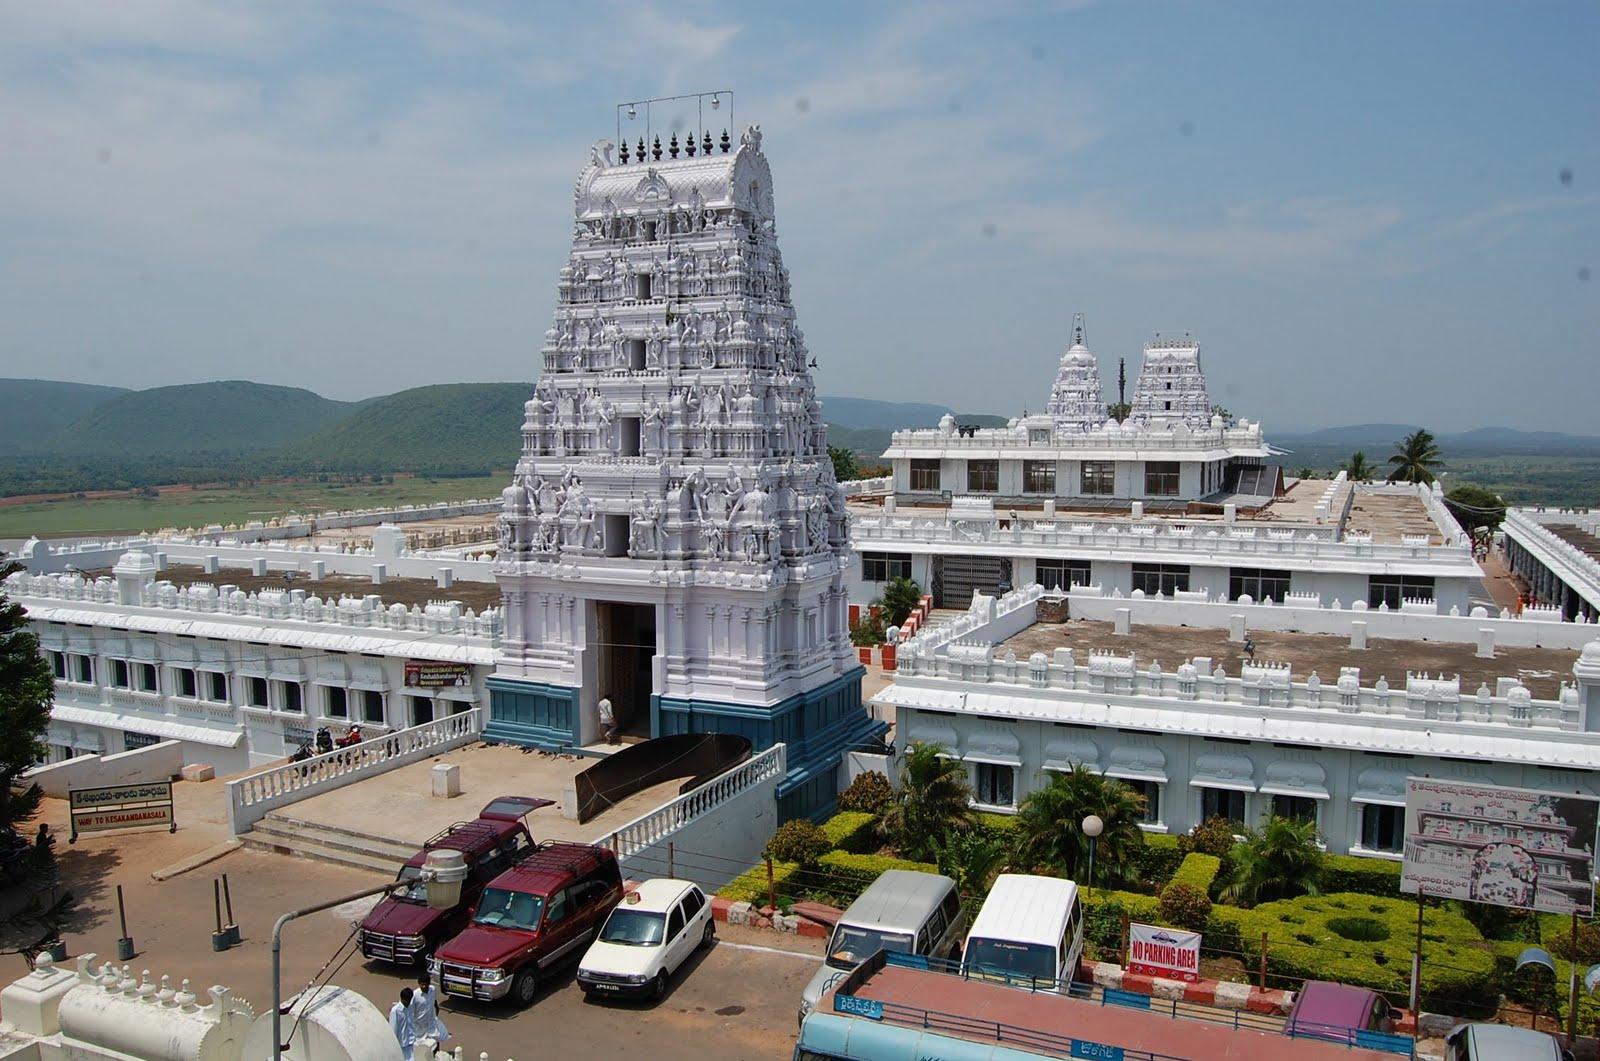 గుంటూరు జిల్లా ఆలయాల సమాచార వేదిక - Gunturu jilla temples informa